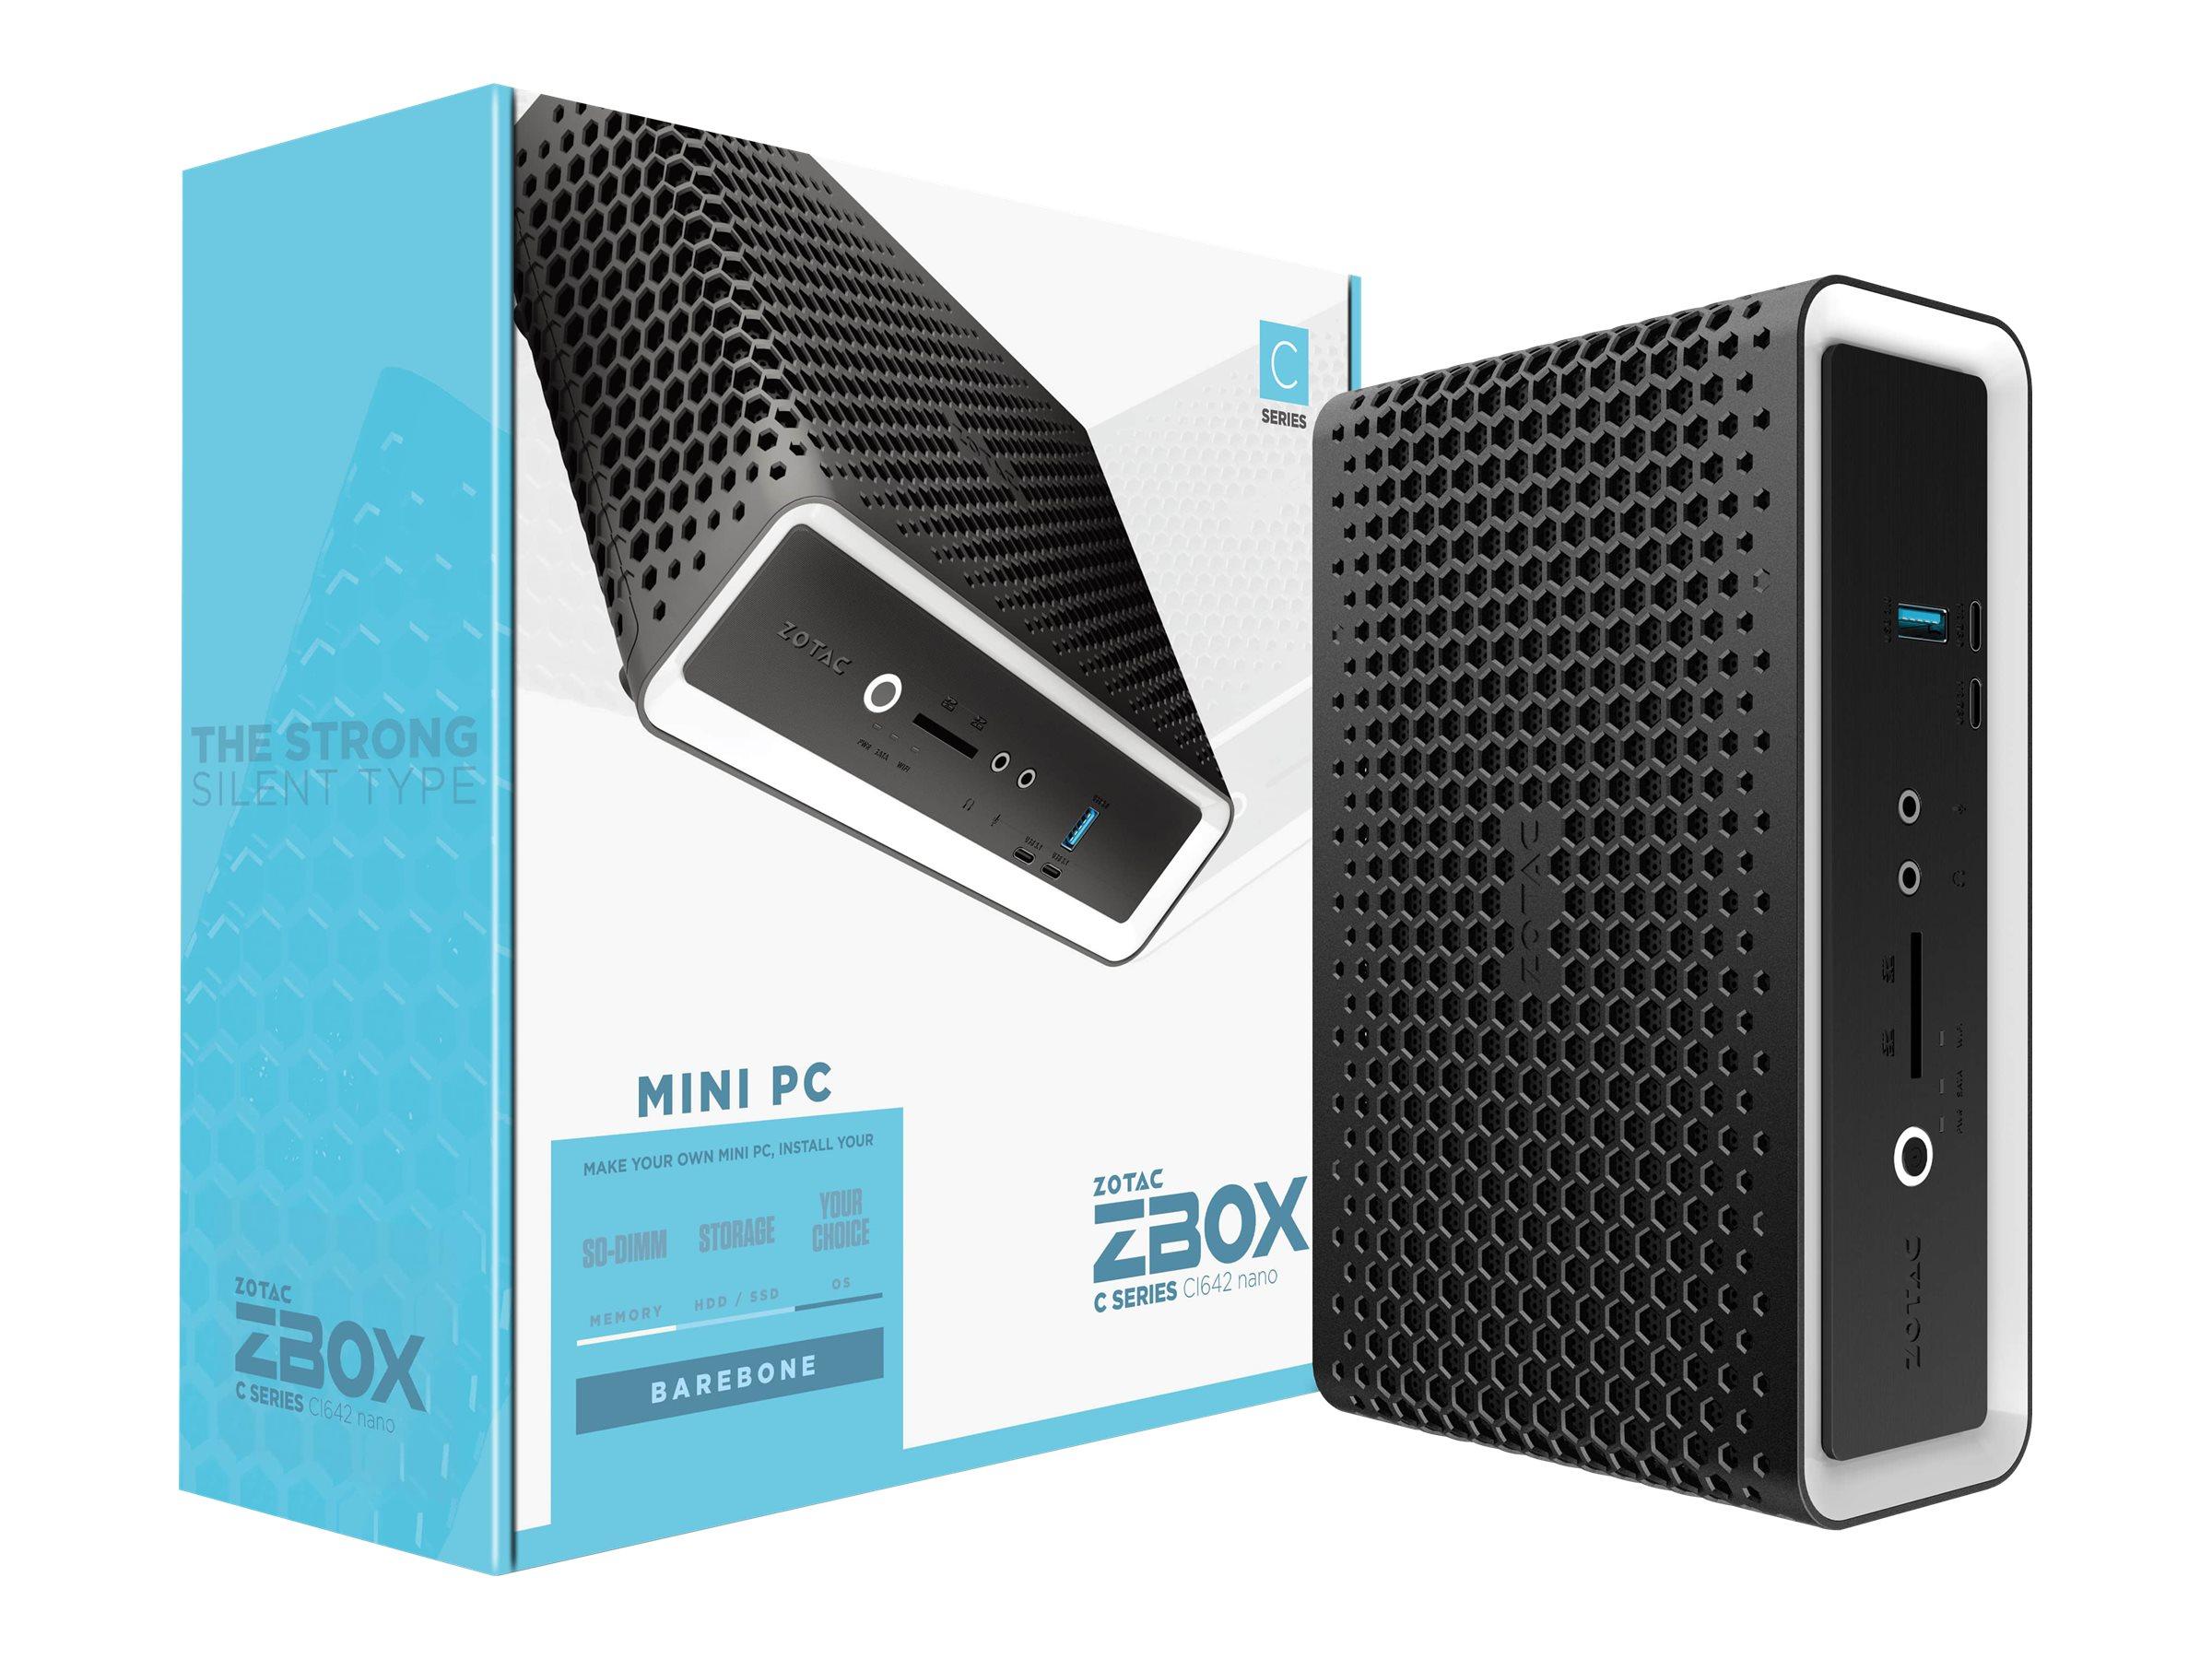 ZOTAC ZBOX C Series CI642 nano - Barebone - Mini-PC